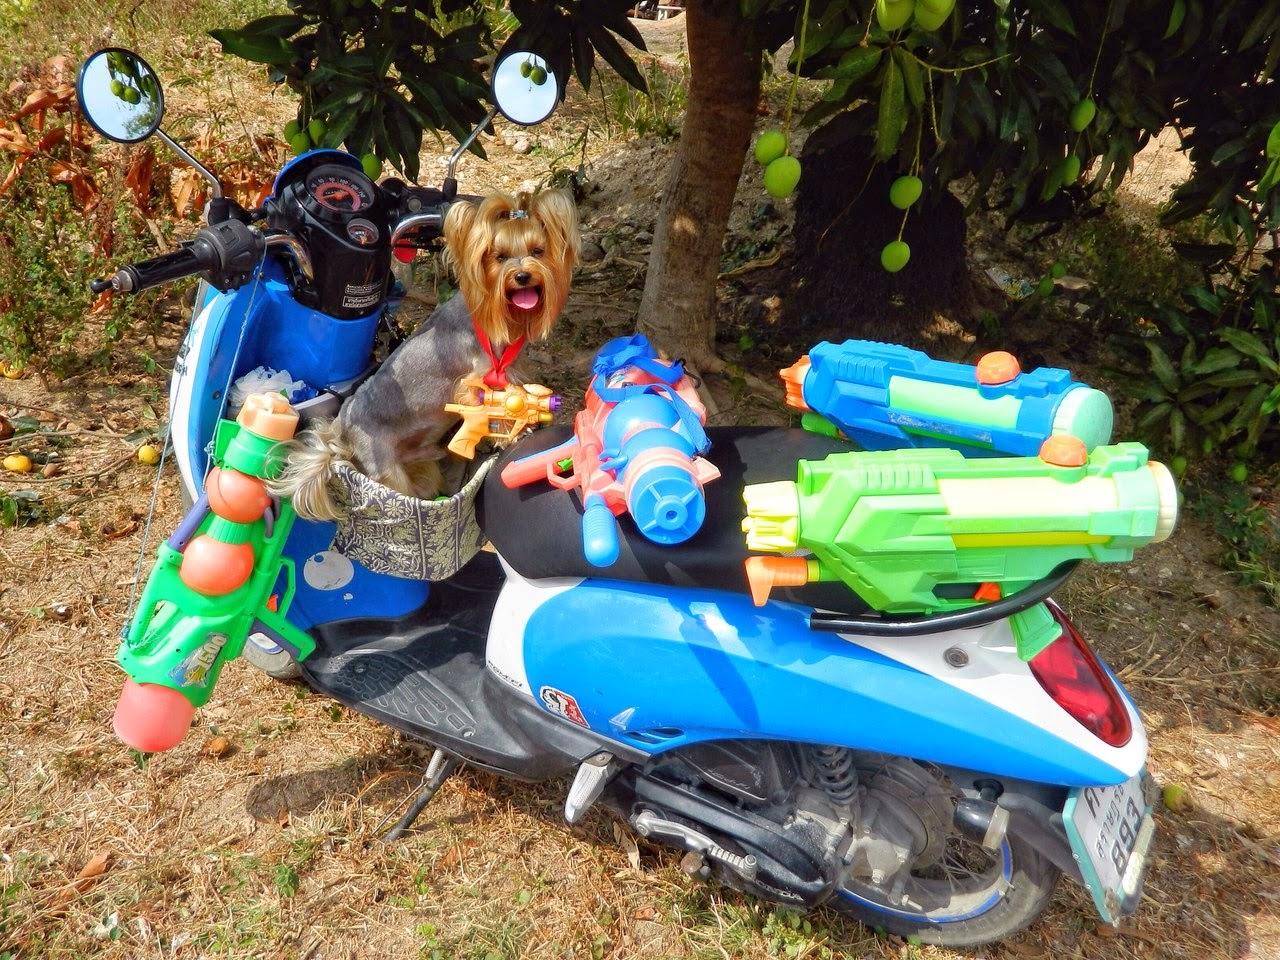 Маленькая собака в корзинке скутера